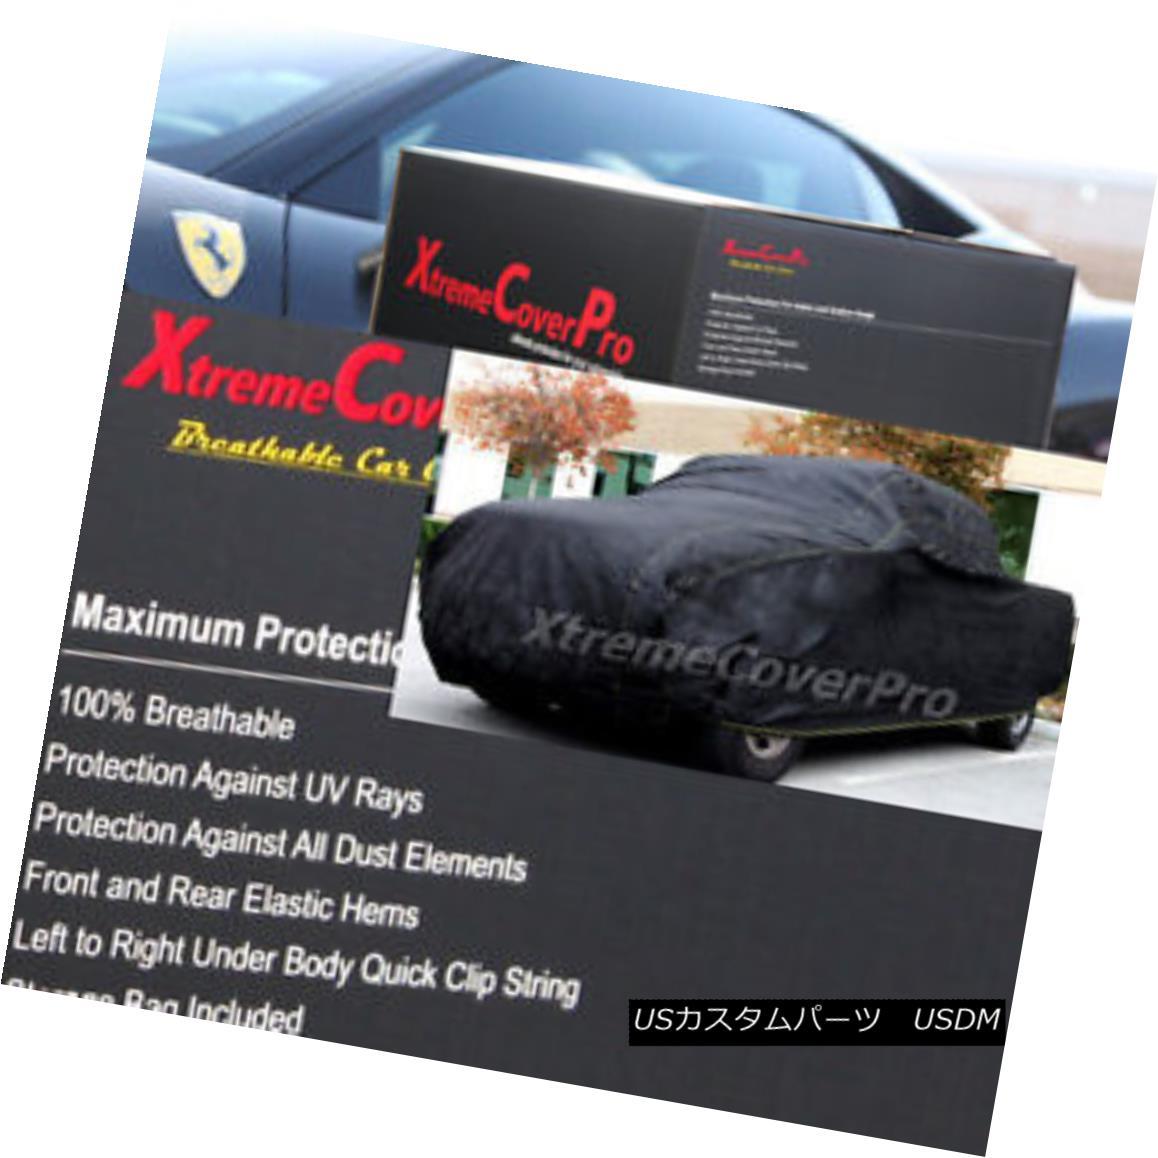 カーカバー 2006 2007 2008 Dodge Ram 1500 Mega Cab 6.5ft bed Breathable Truck Cover 2006 2007 2008ダッジラム1500メガキャブ6.5ftベッド通気性トラックカバー